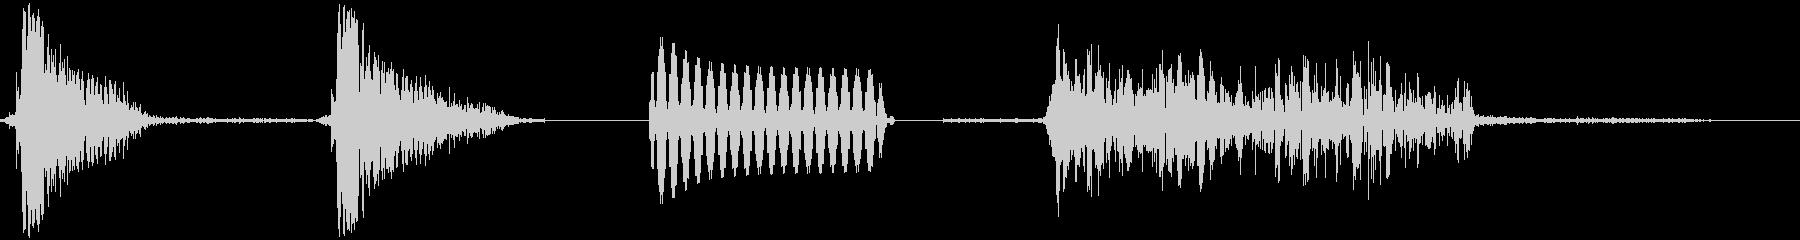 ヒットヒットインパクト9の未再生の波形